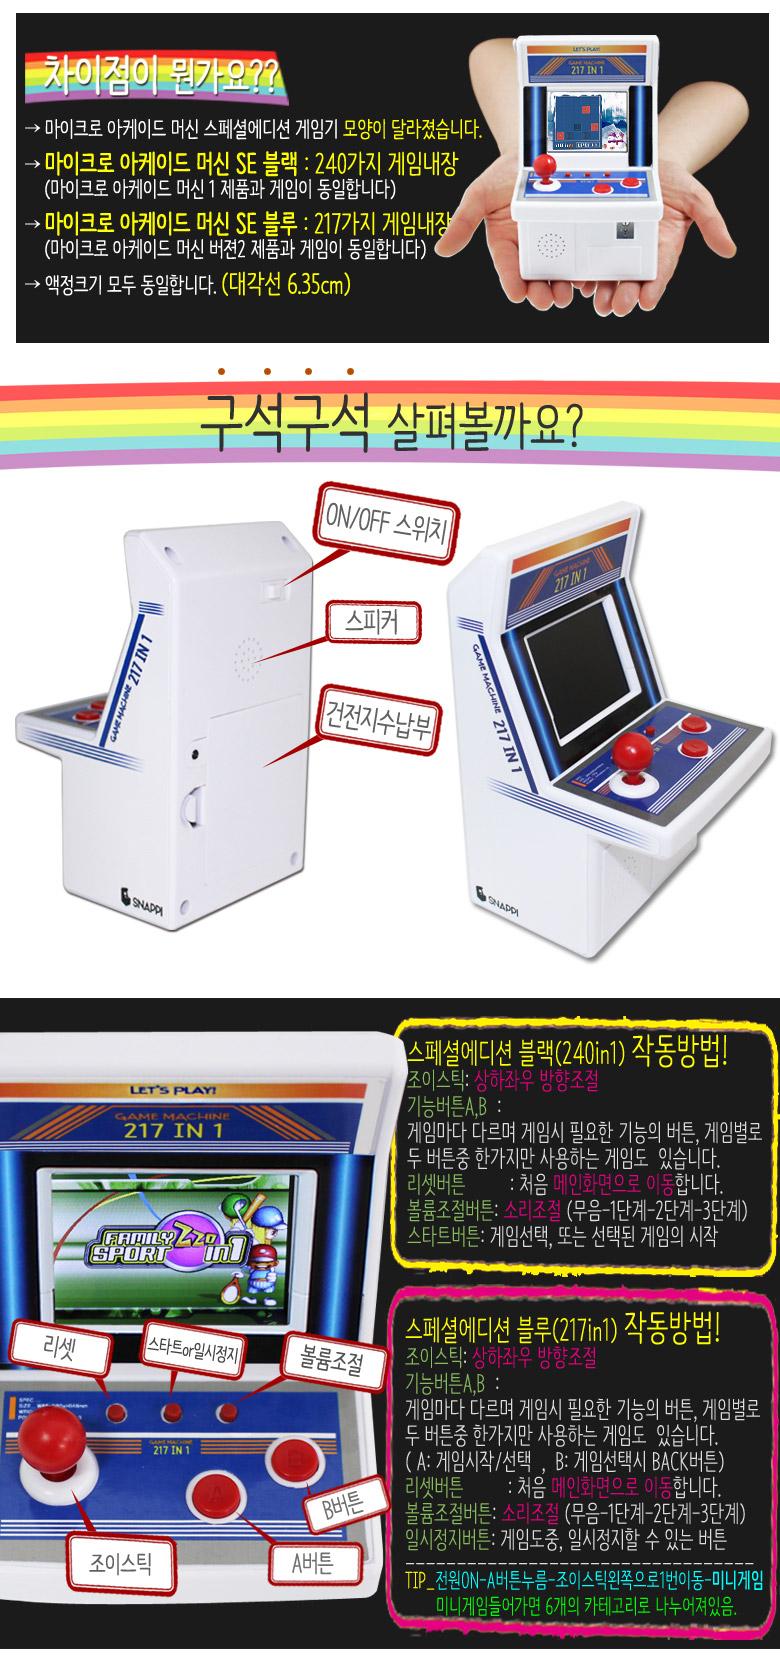 마이크로 아케이드 머신 SE 게임기 - SV 휴대용 미니 게임기, 40,800원, 아이디어 상품, 아이디어 상품